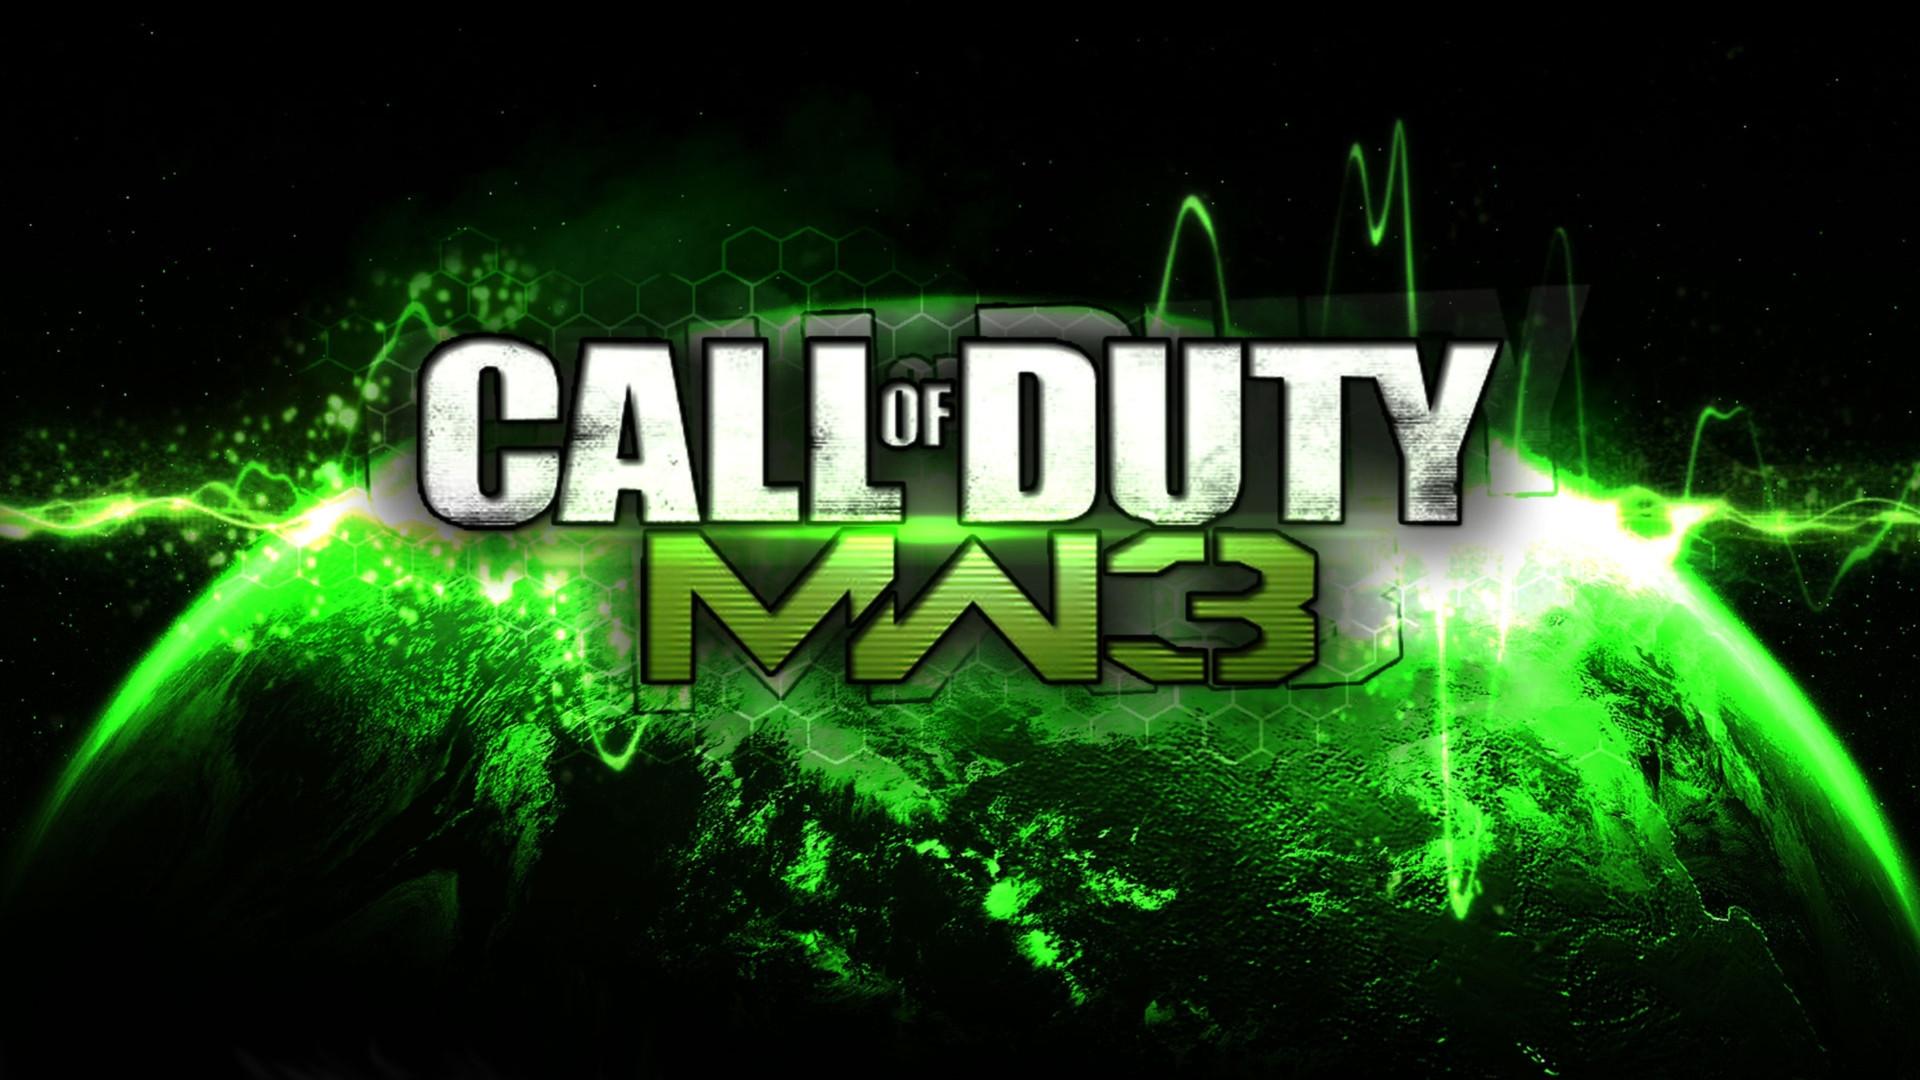 Call of Duty Wallpapers HD  PixelsTalkNet